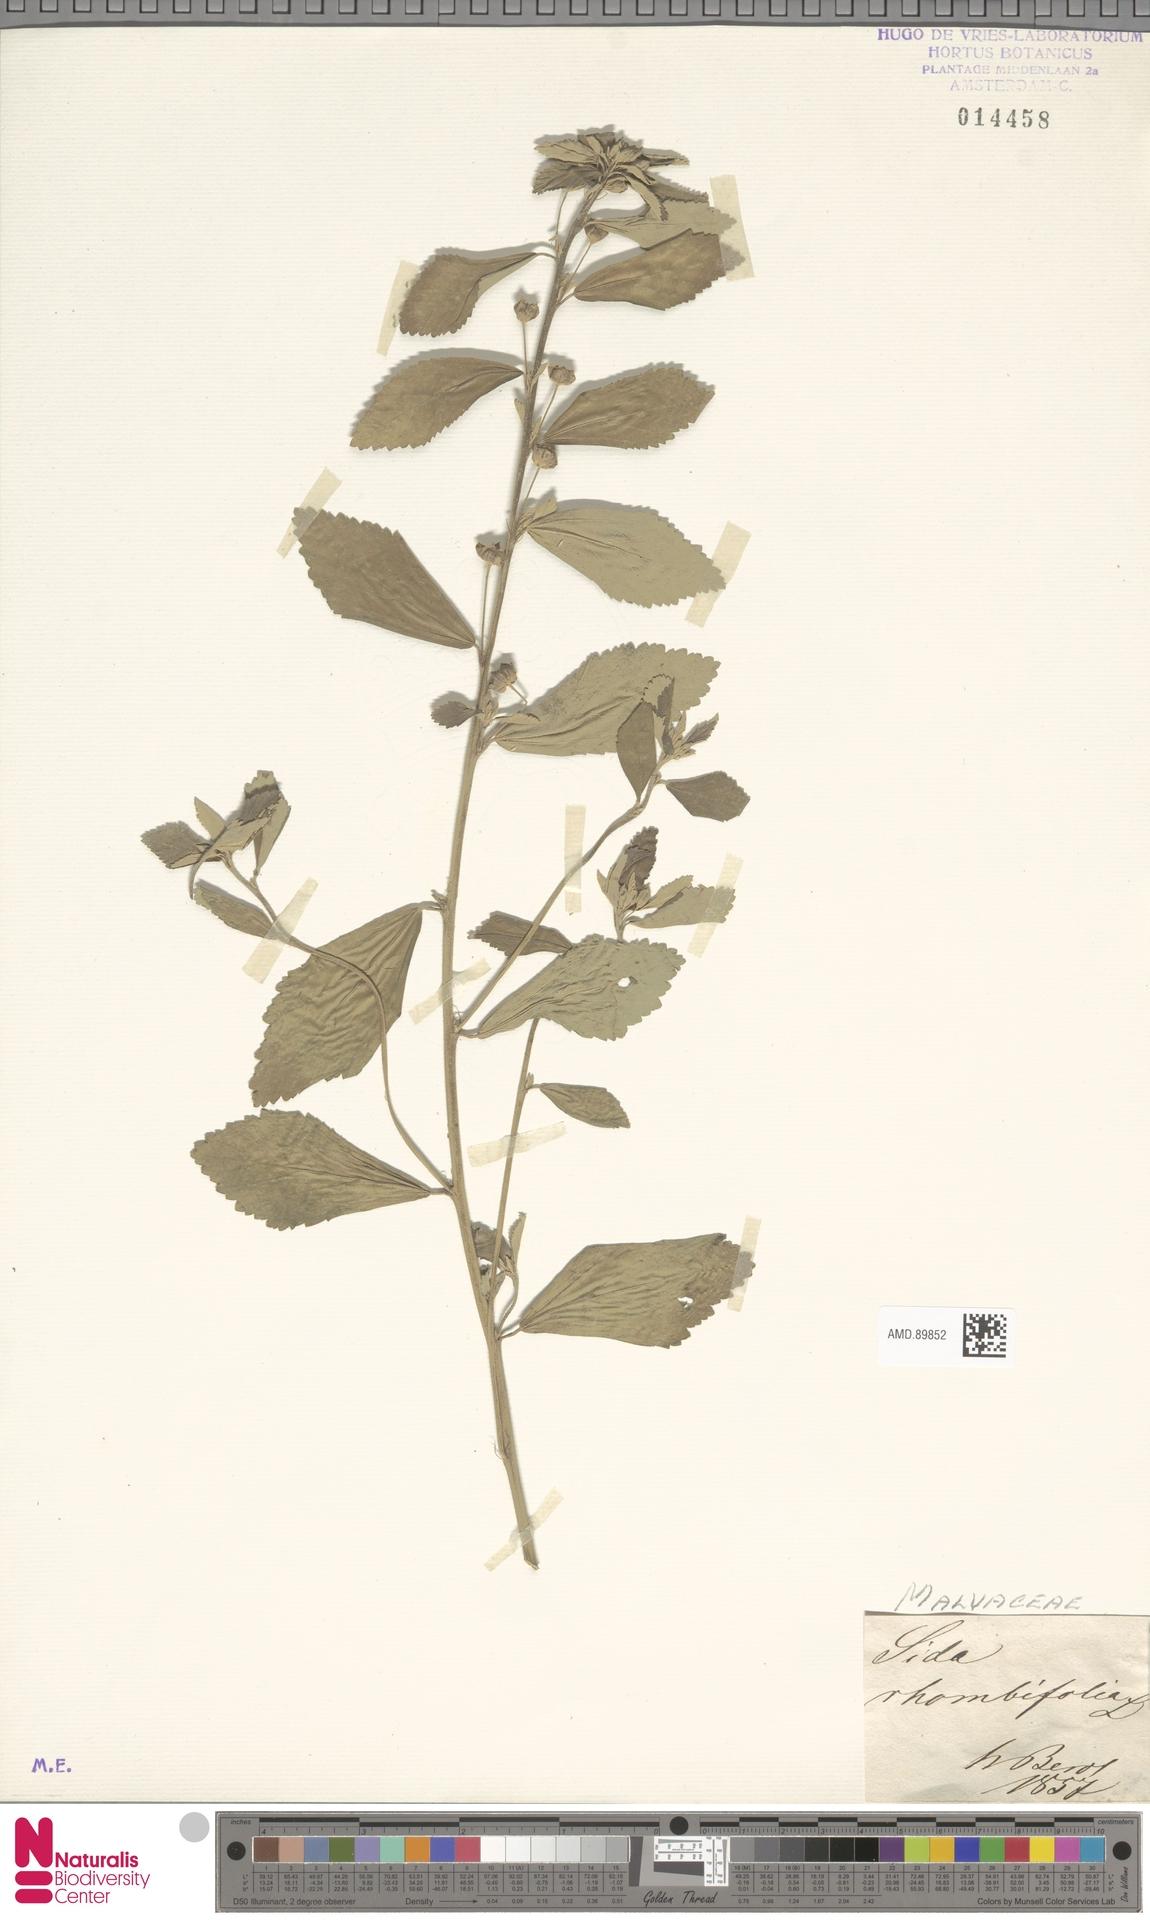 AMD.89852   Sida rhombifolia L.